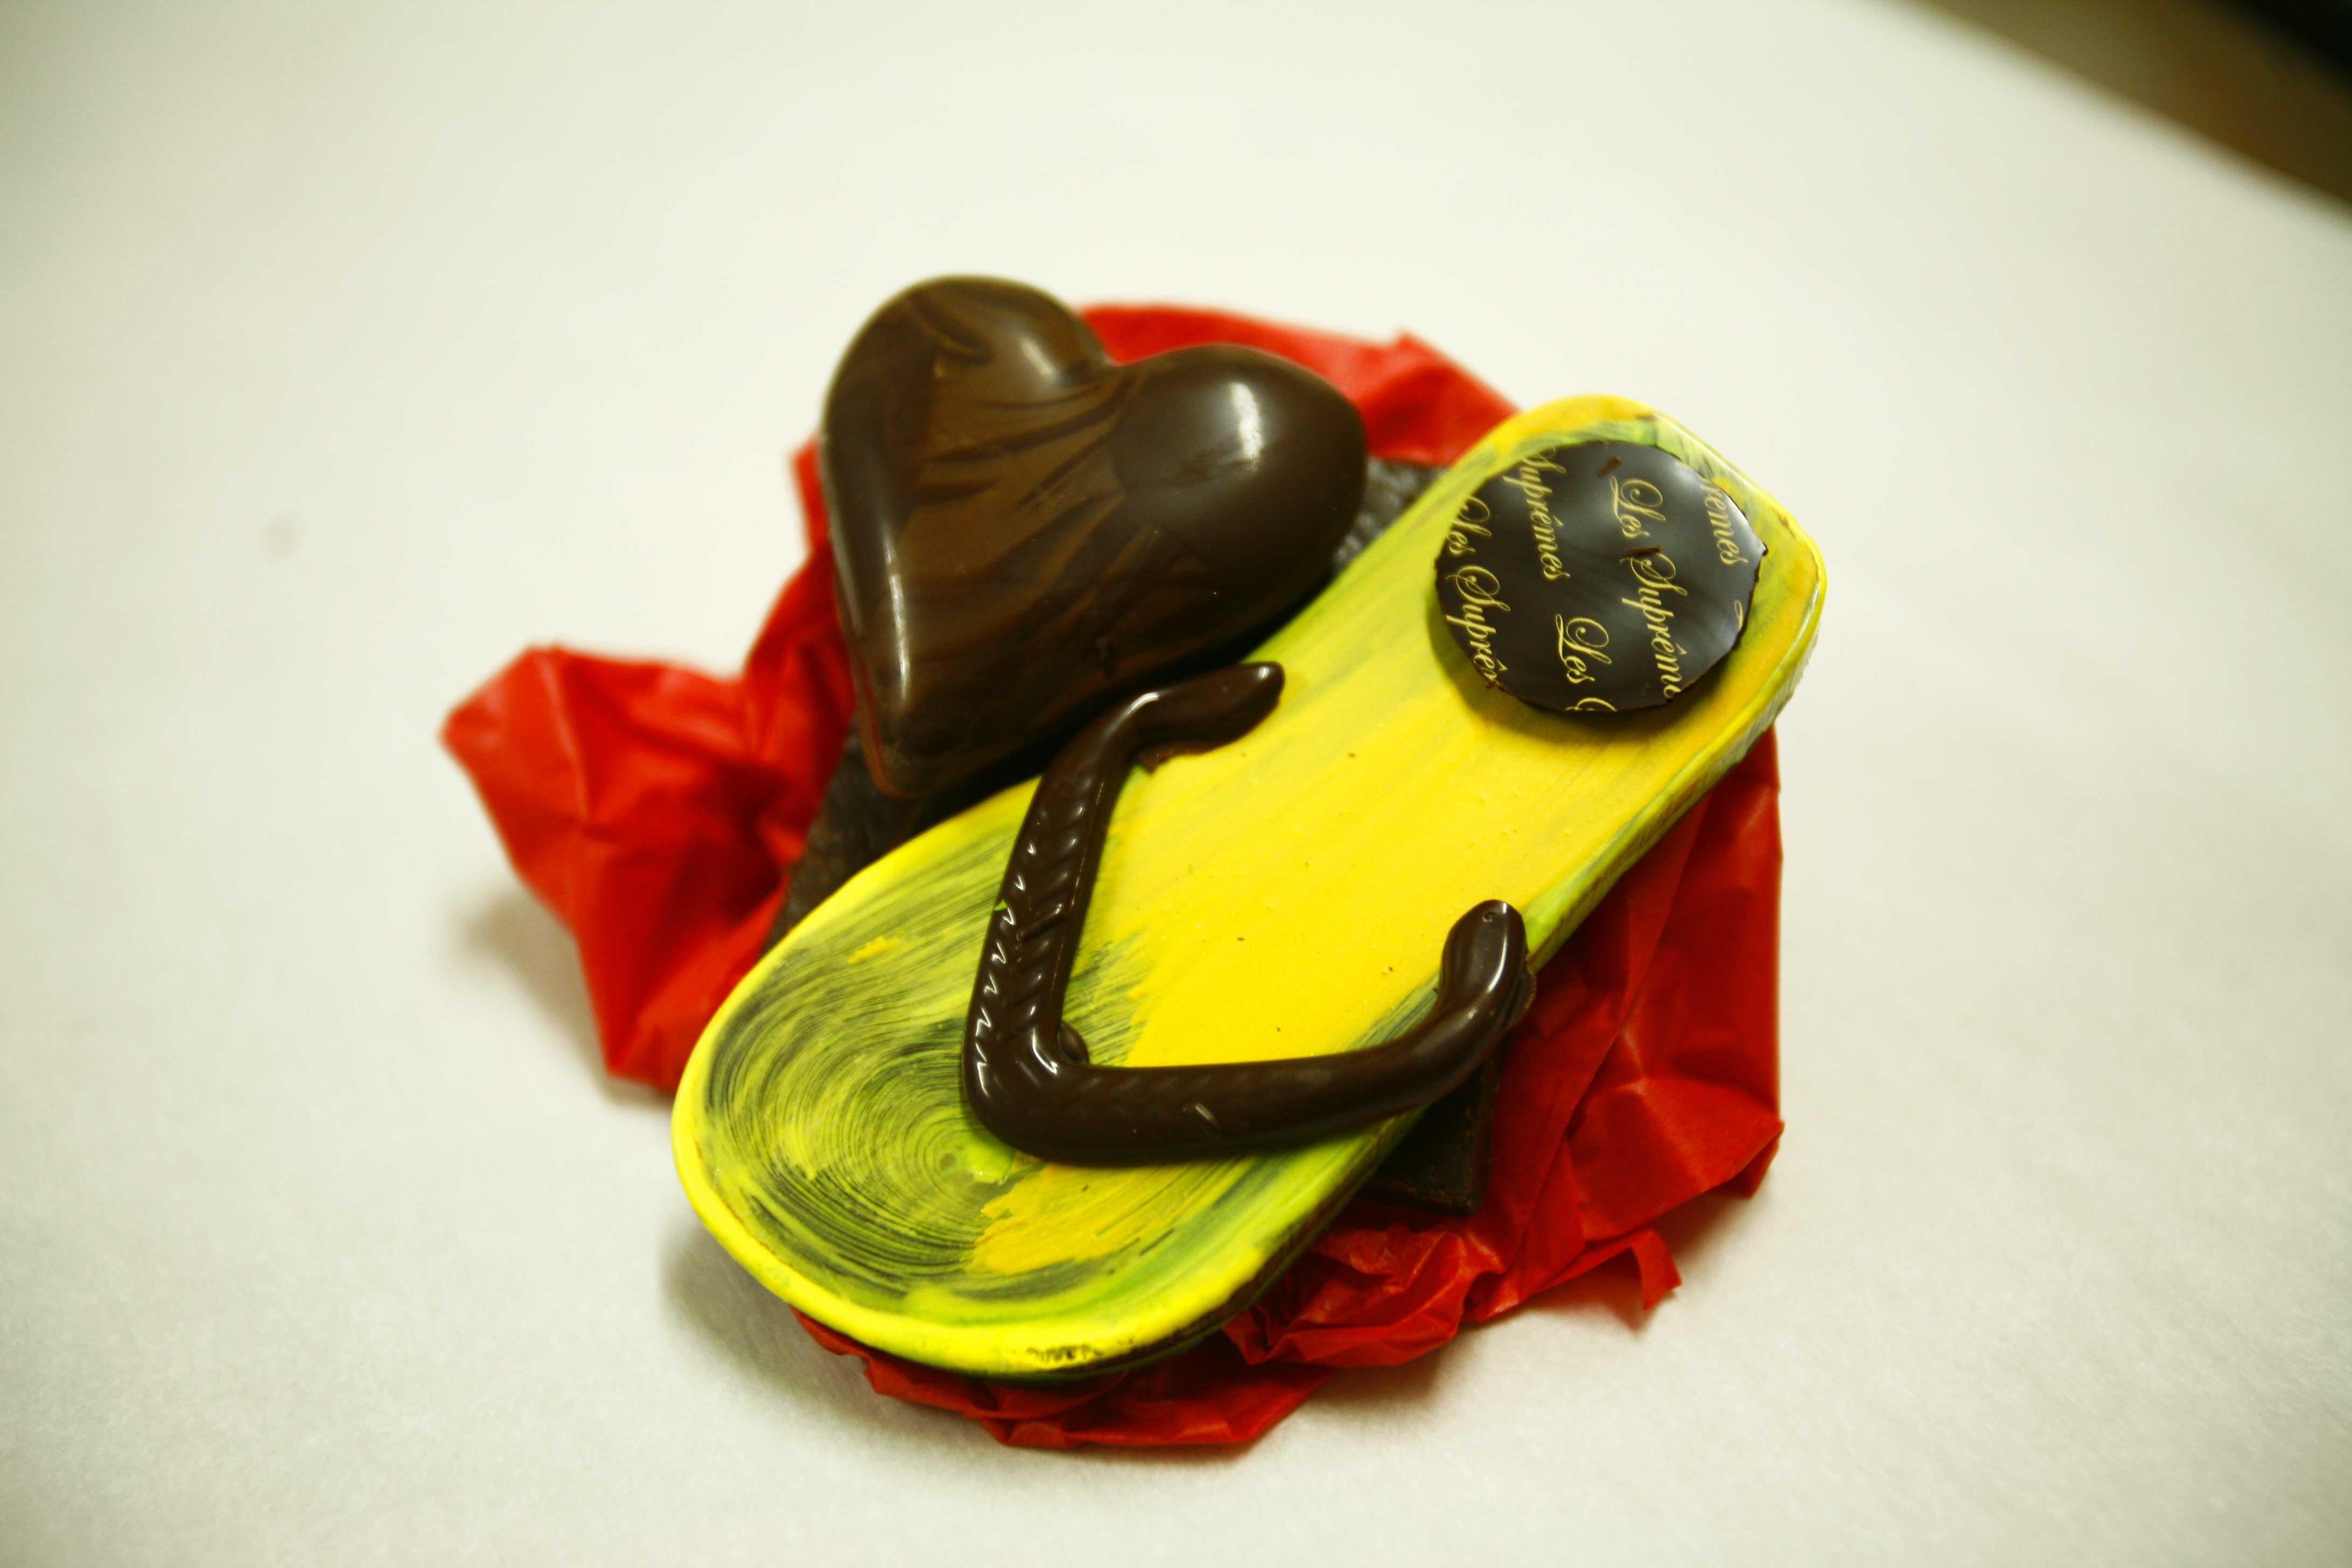 tongue chocolat Guadeloupe